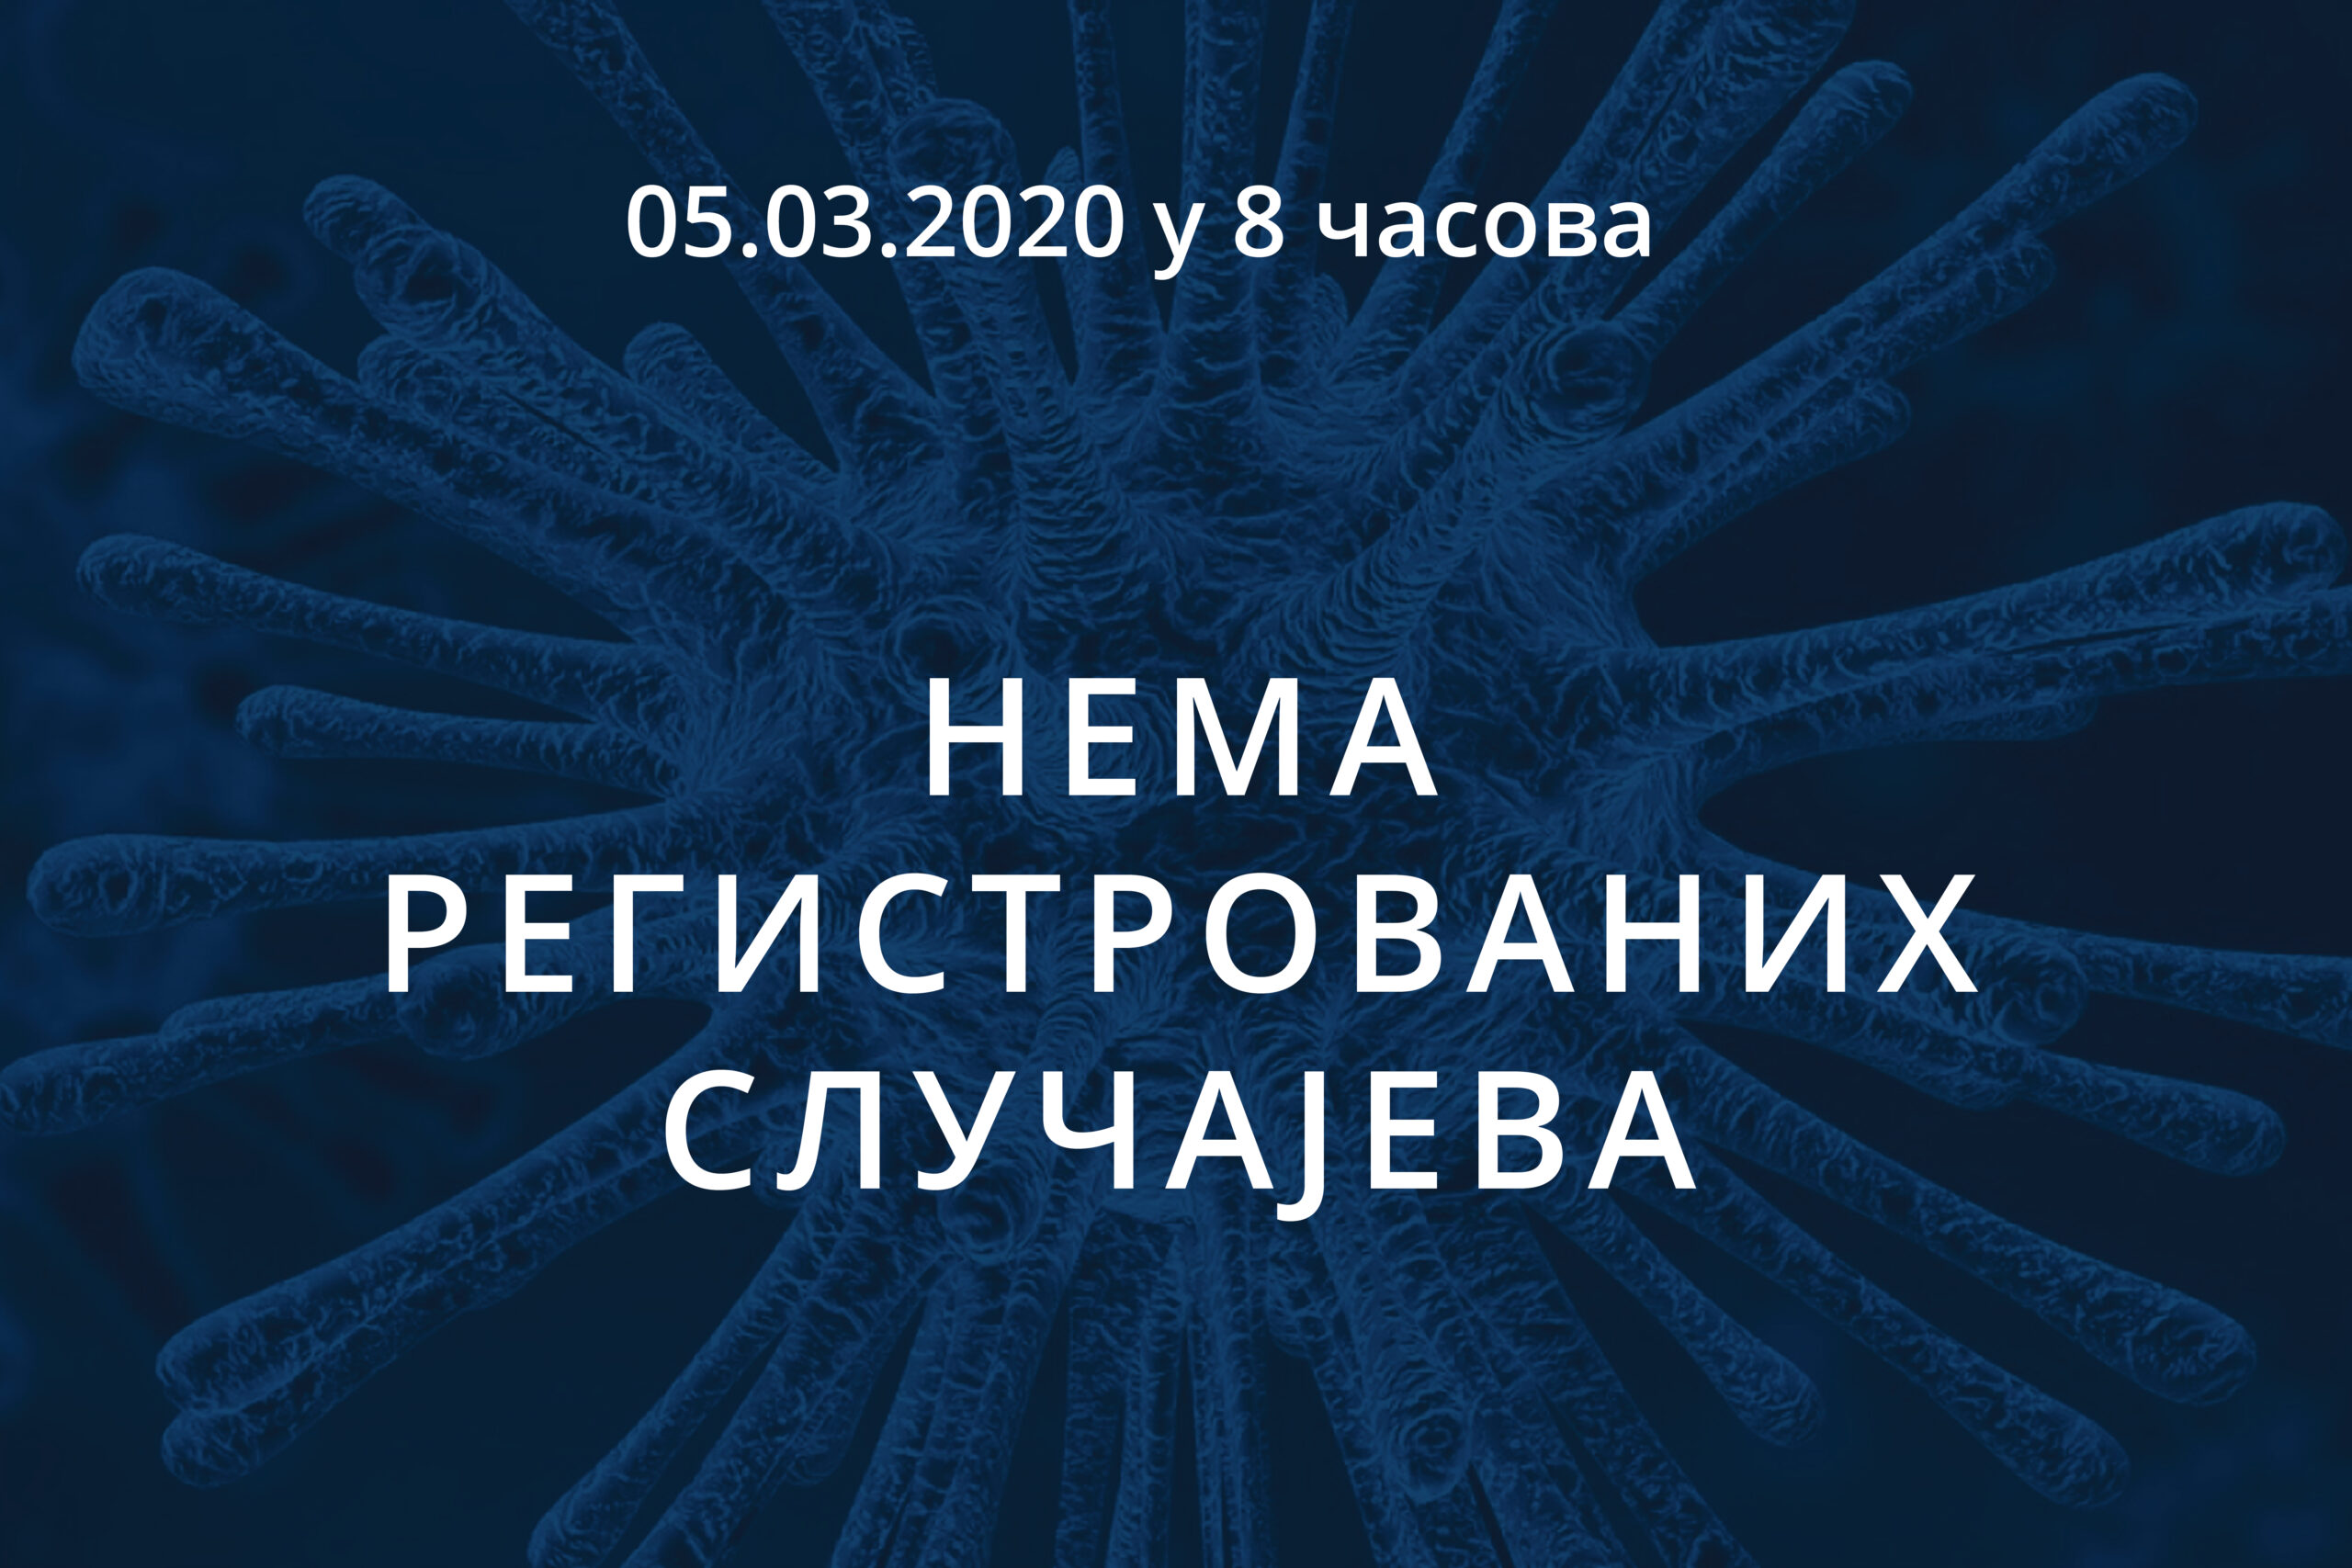 Информације о корона вирусу COVID-19, 05.03.2020 у 8 часова